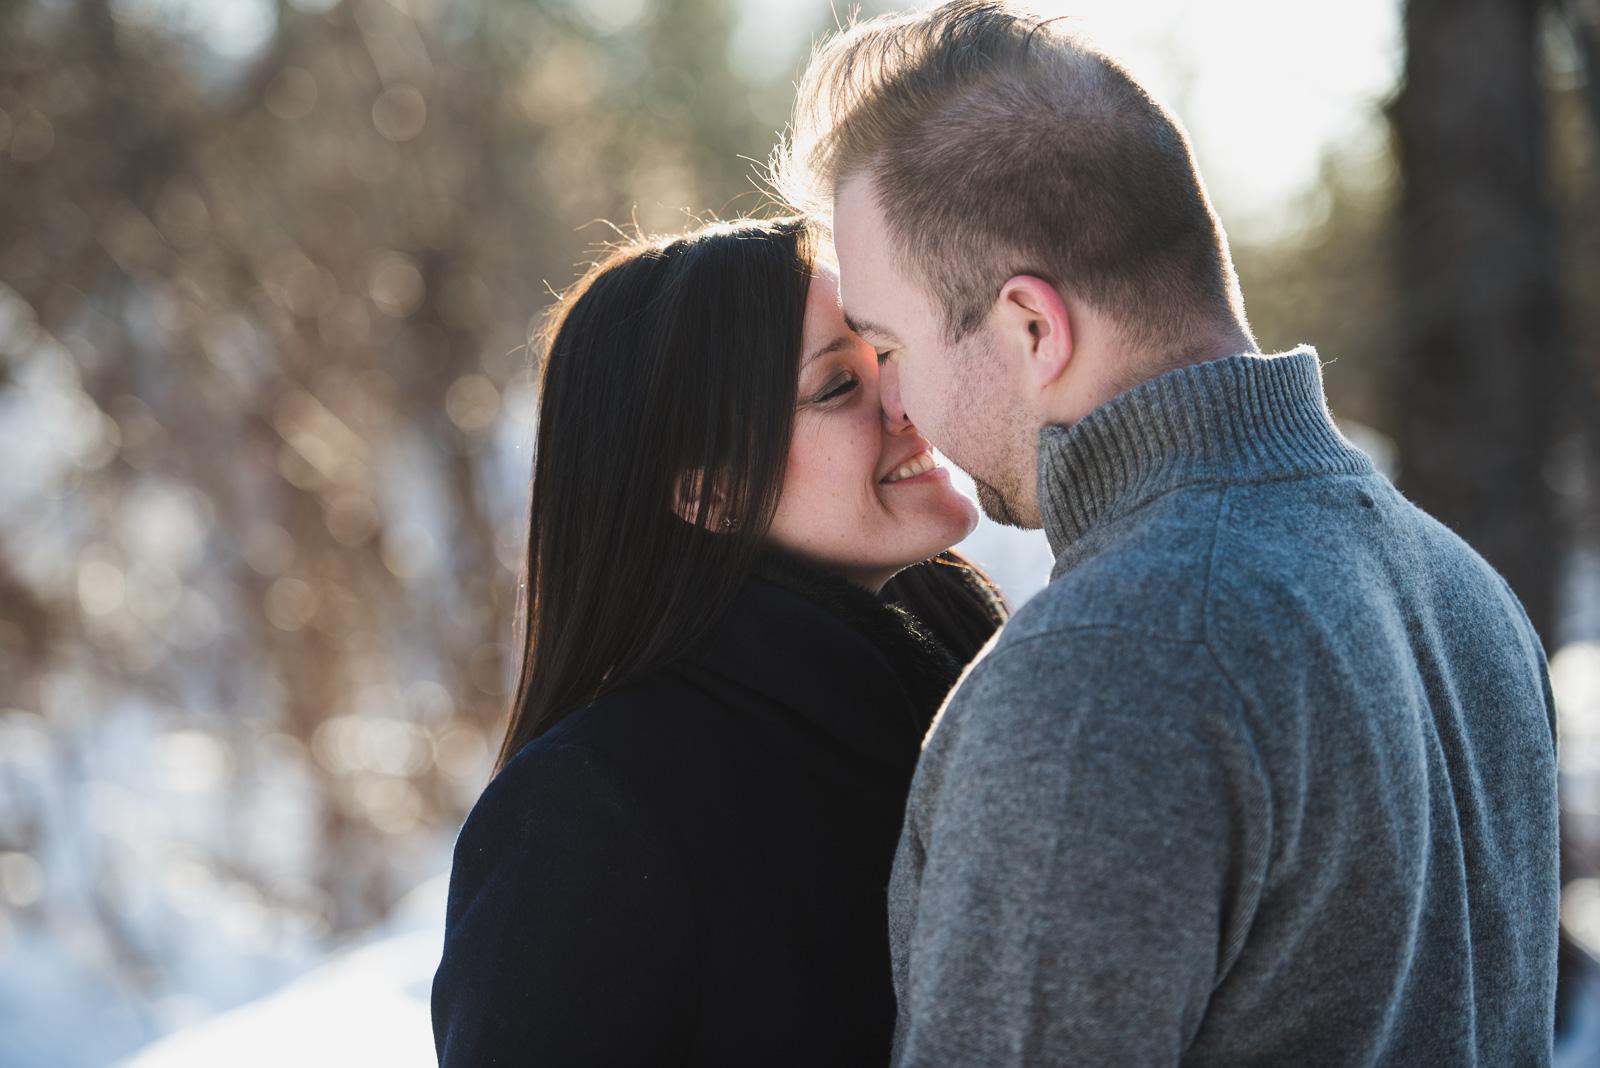 winter-whistler-engagement-whistler-wedding-photographer-green-lake-engagement-4.jpg